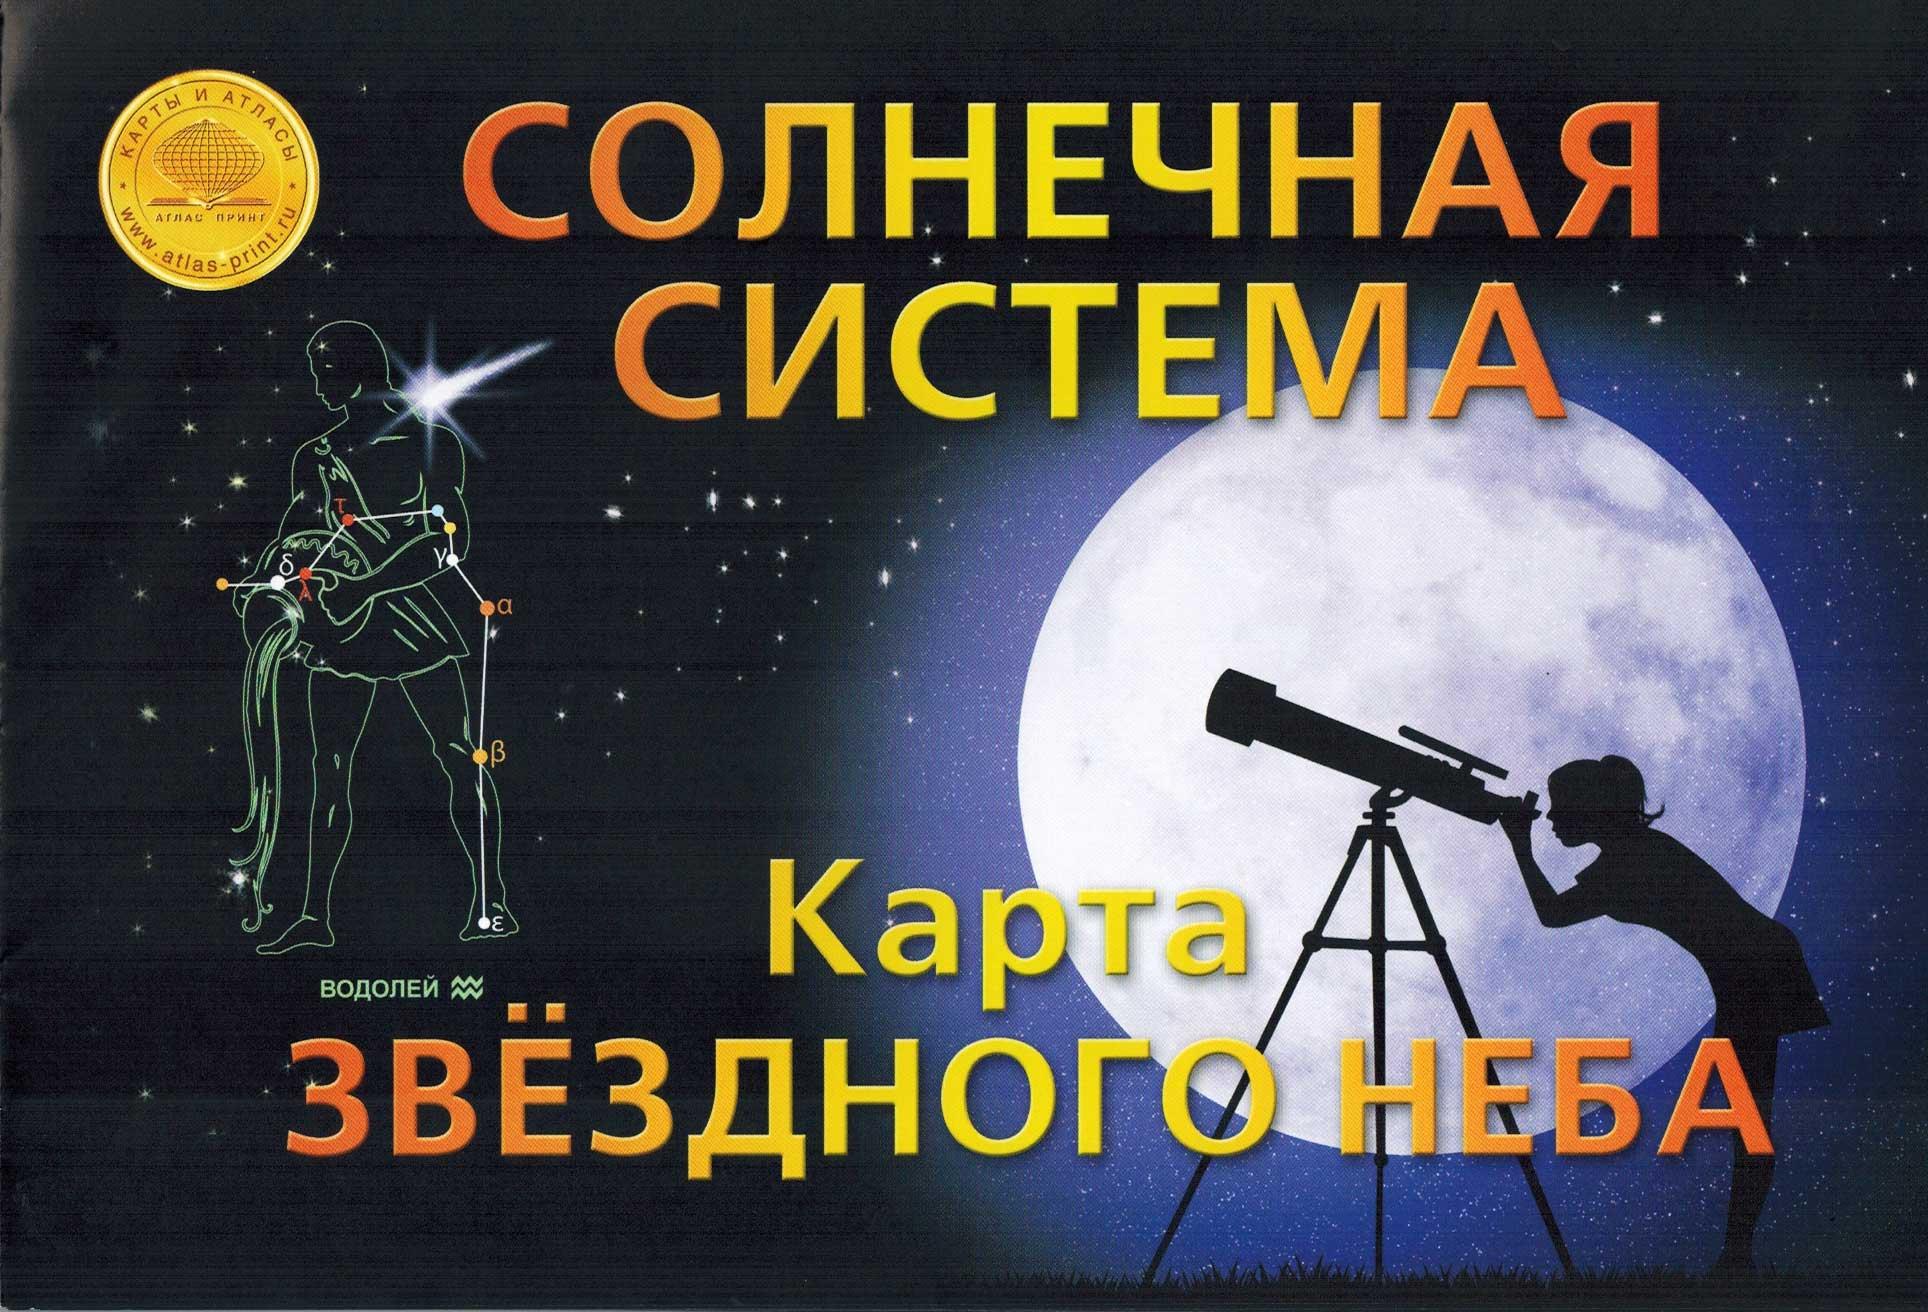 НОВИНКА! Складная карта звездного неба, схема Солнечной системы